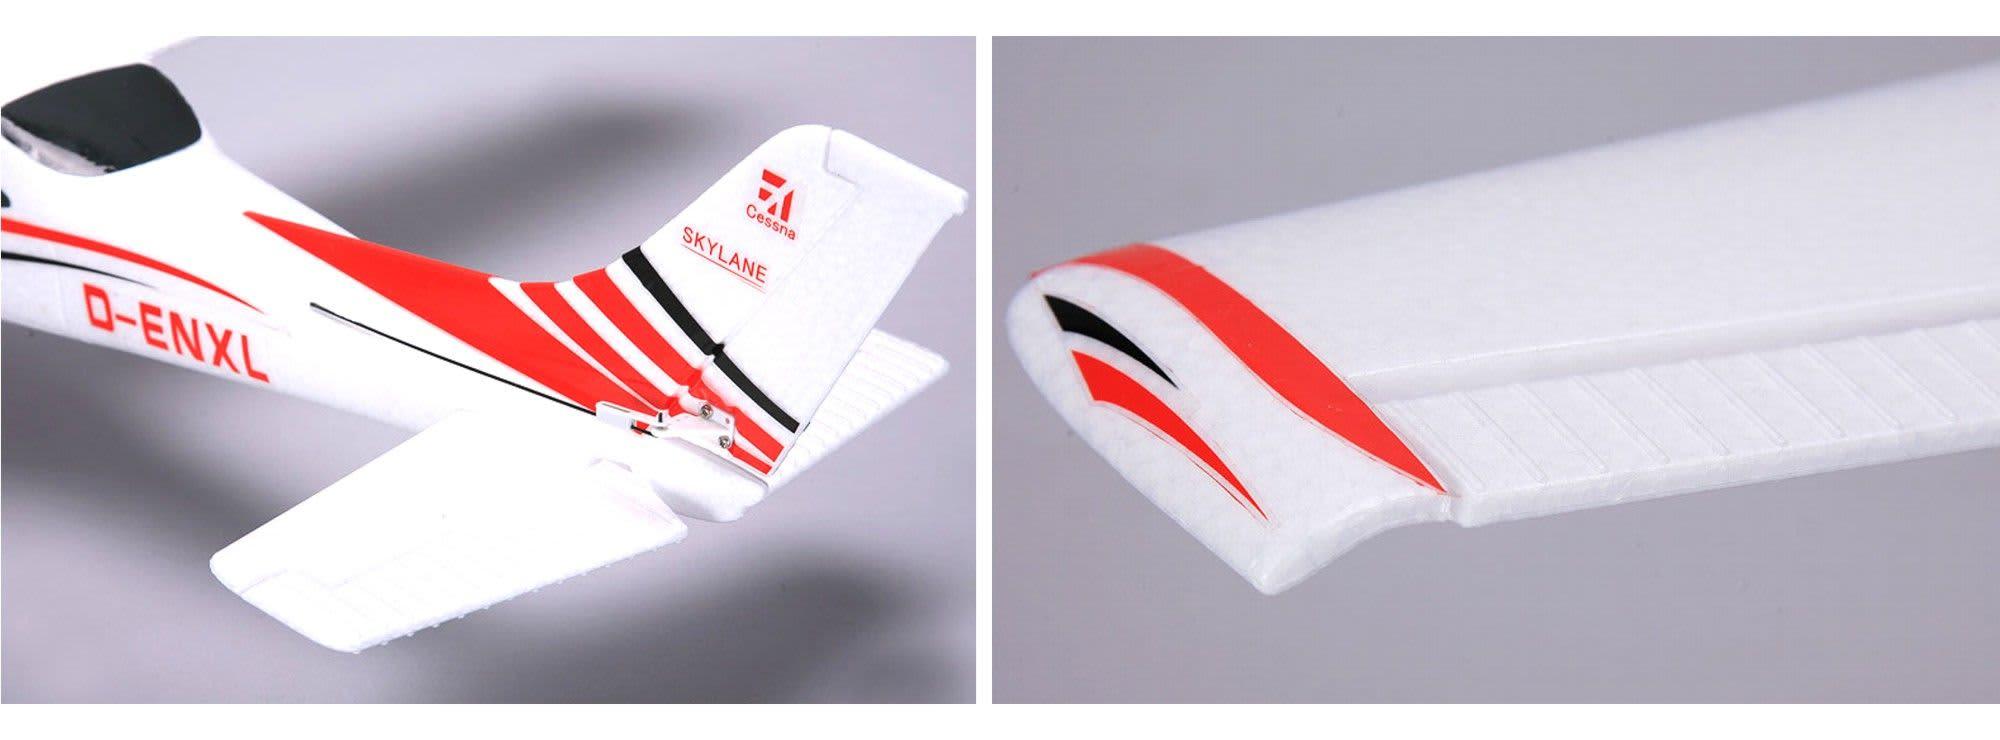 Ausverkauft hype 022 1200 cessna 182 3 micro servos bl antrieb lipo arf rc flugzeug online kaufen bei modellbau h rtle